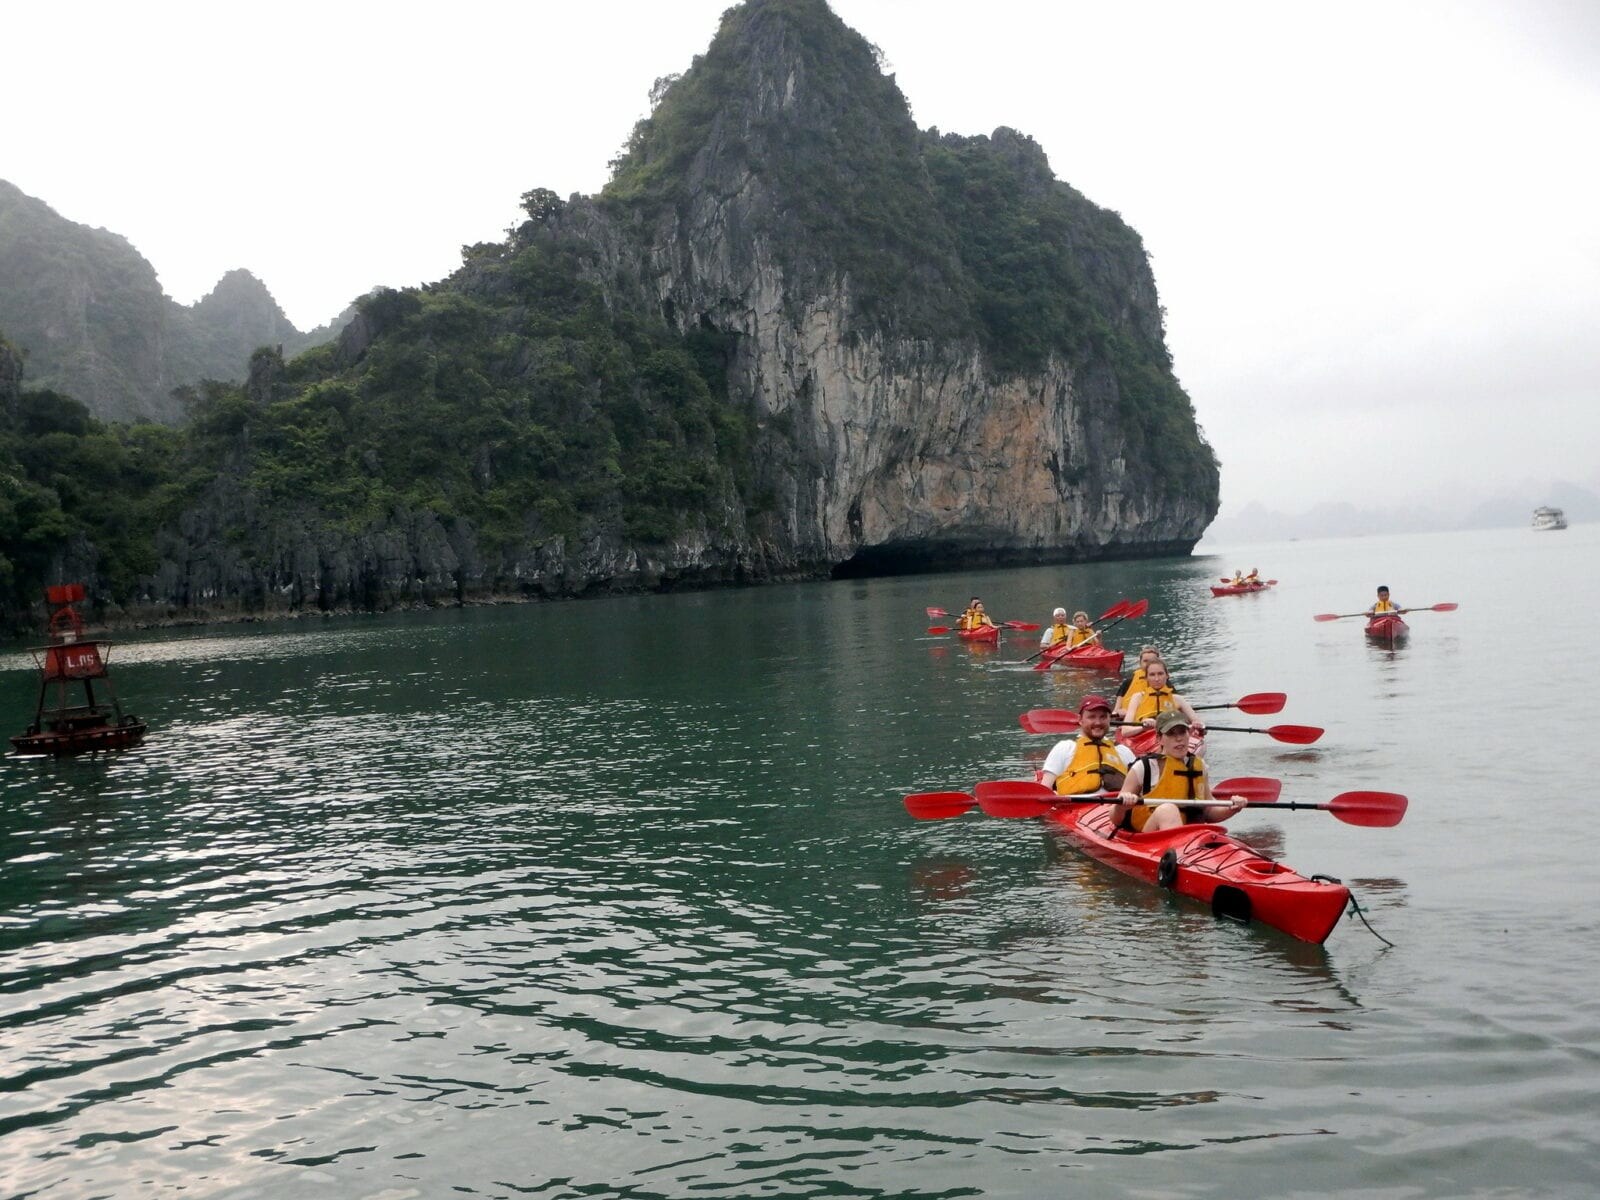 Image of Kayakers at Bai Tu Long Bay in Vietnam